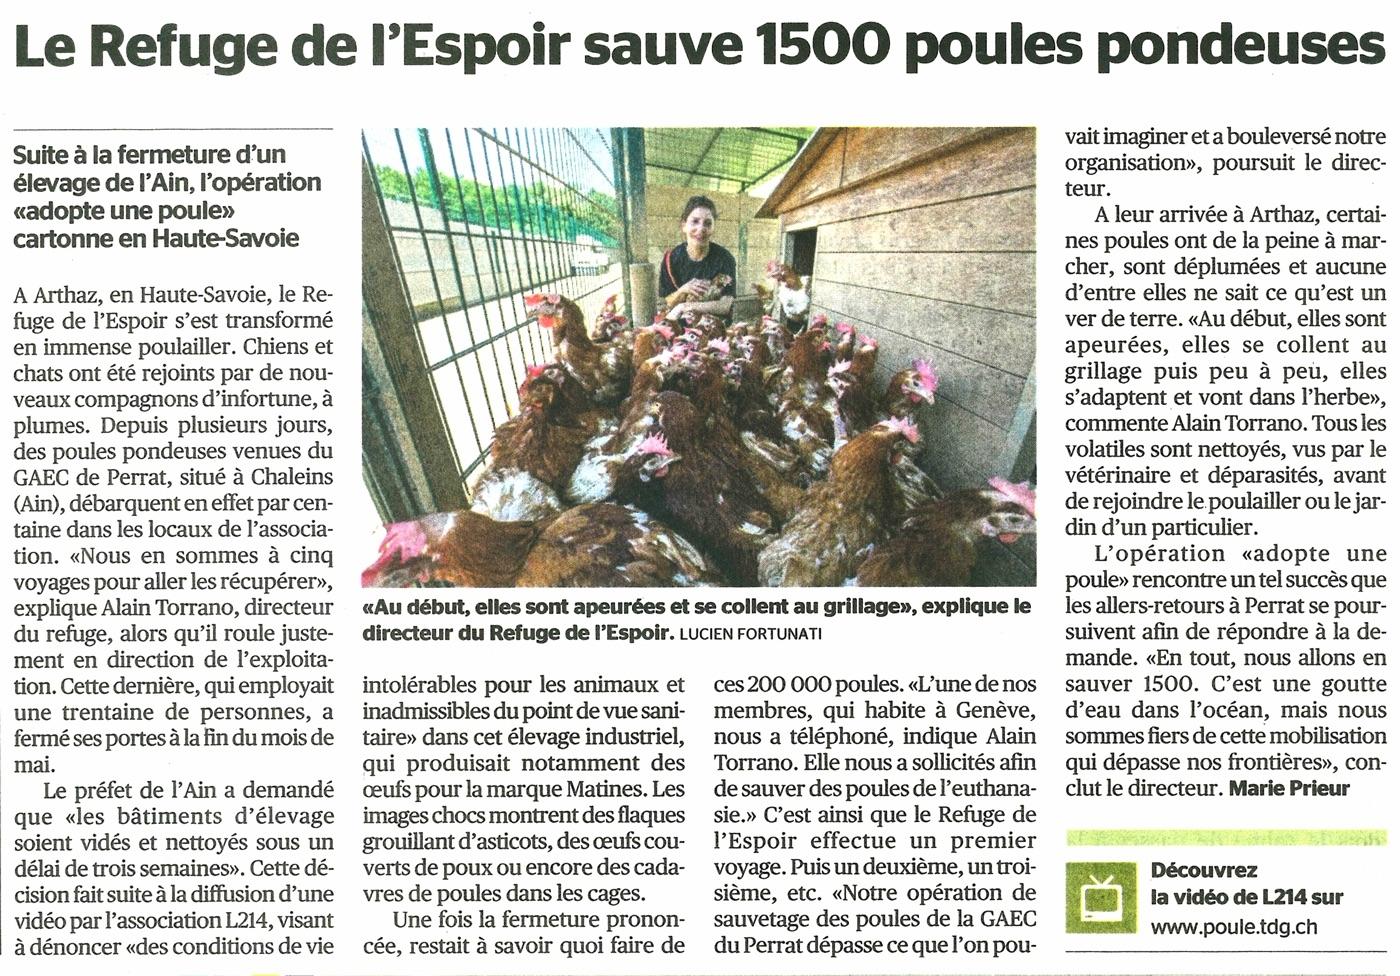 La-Tribune-de-Genève-du-13-juin-2016